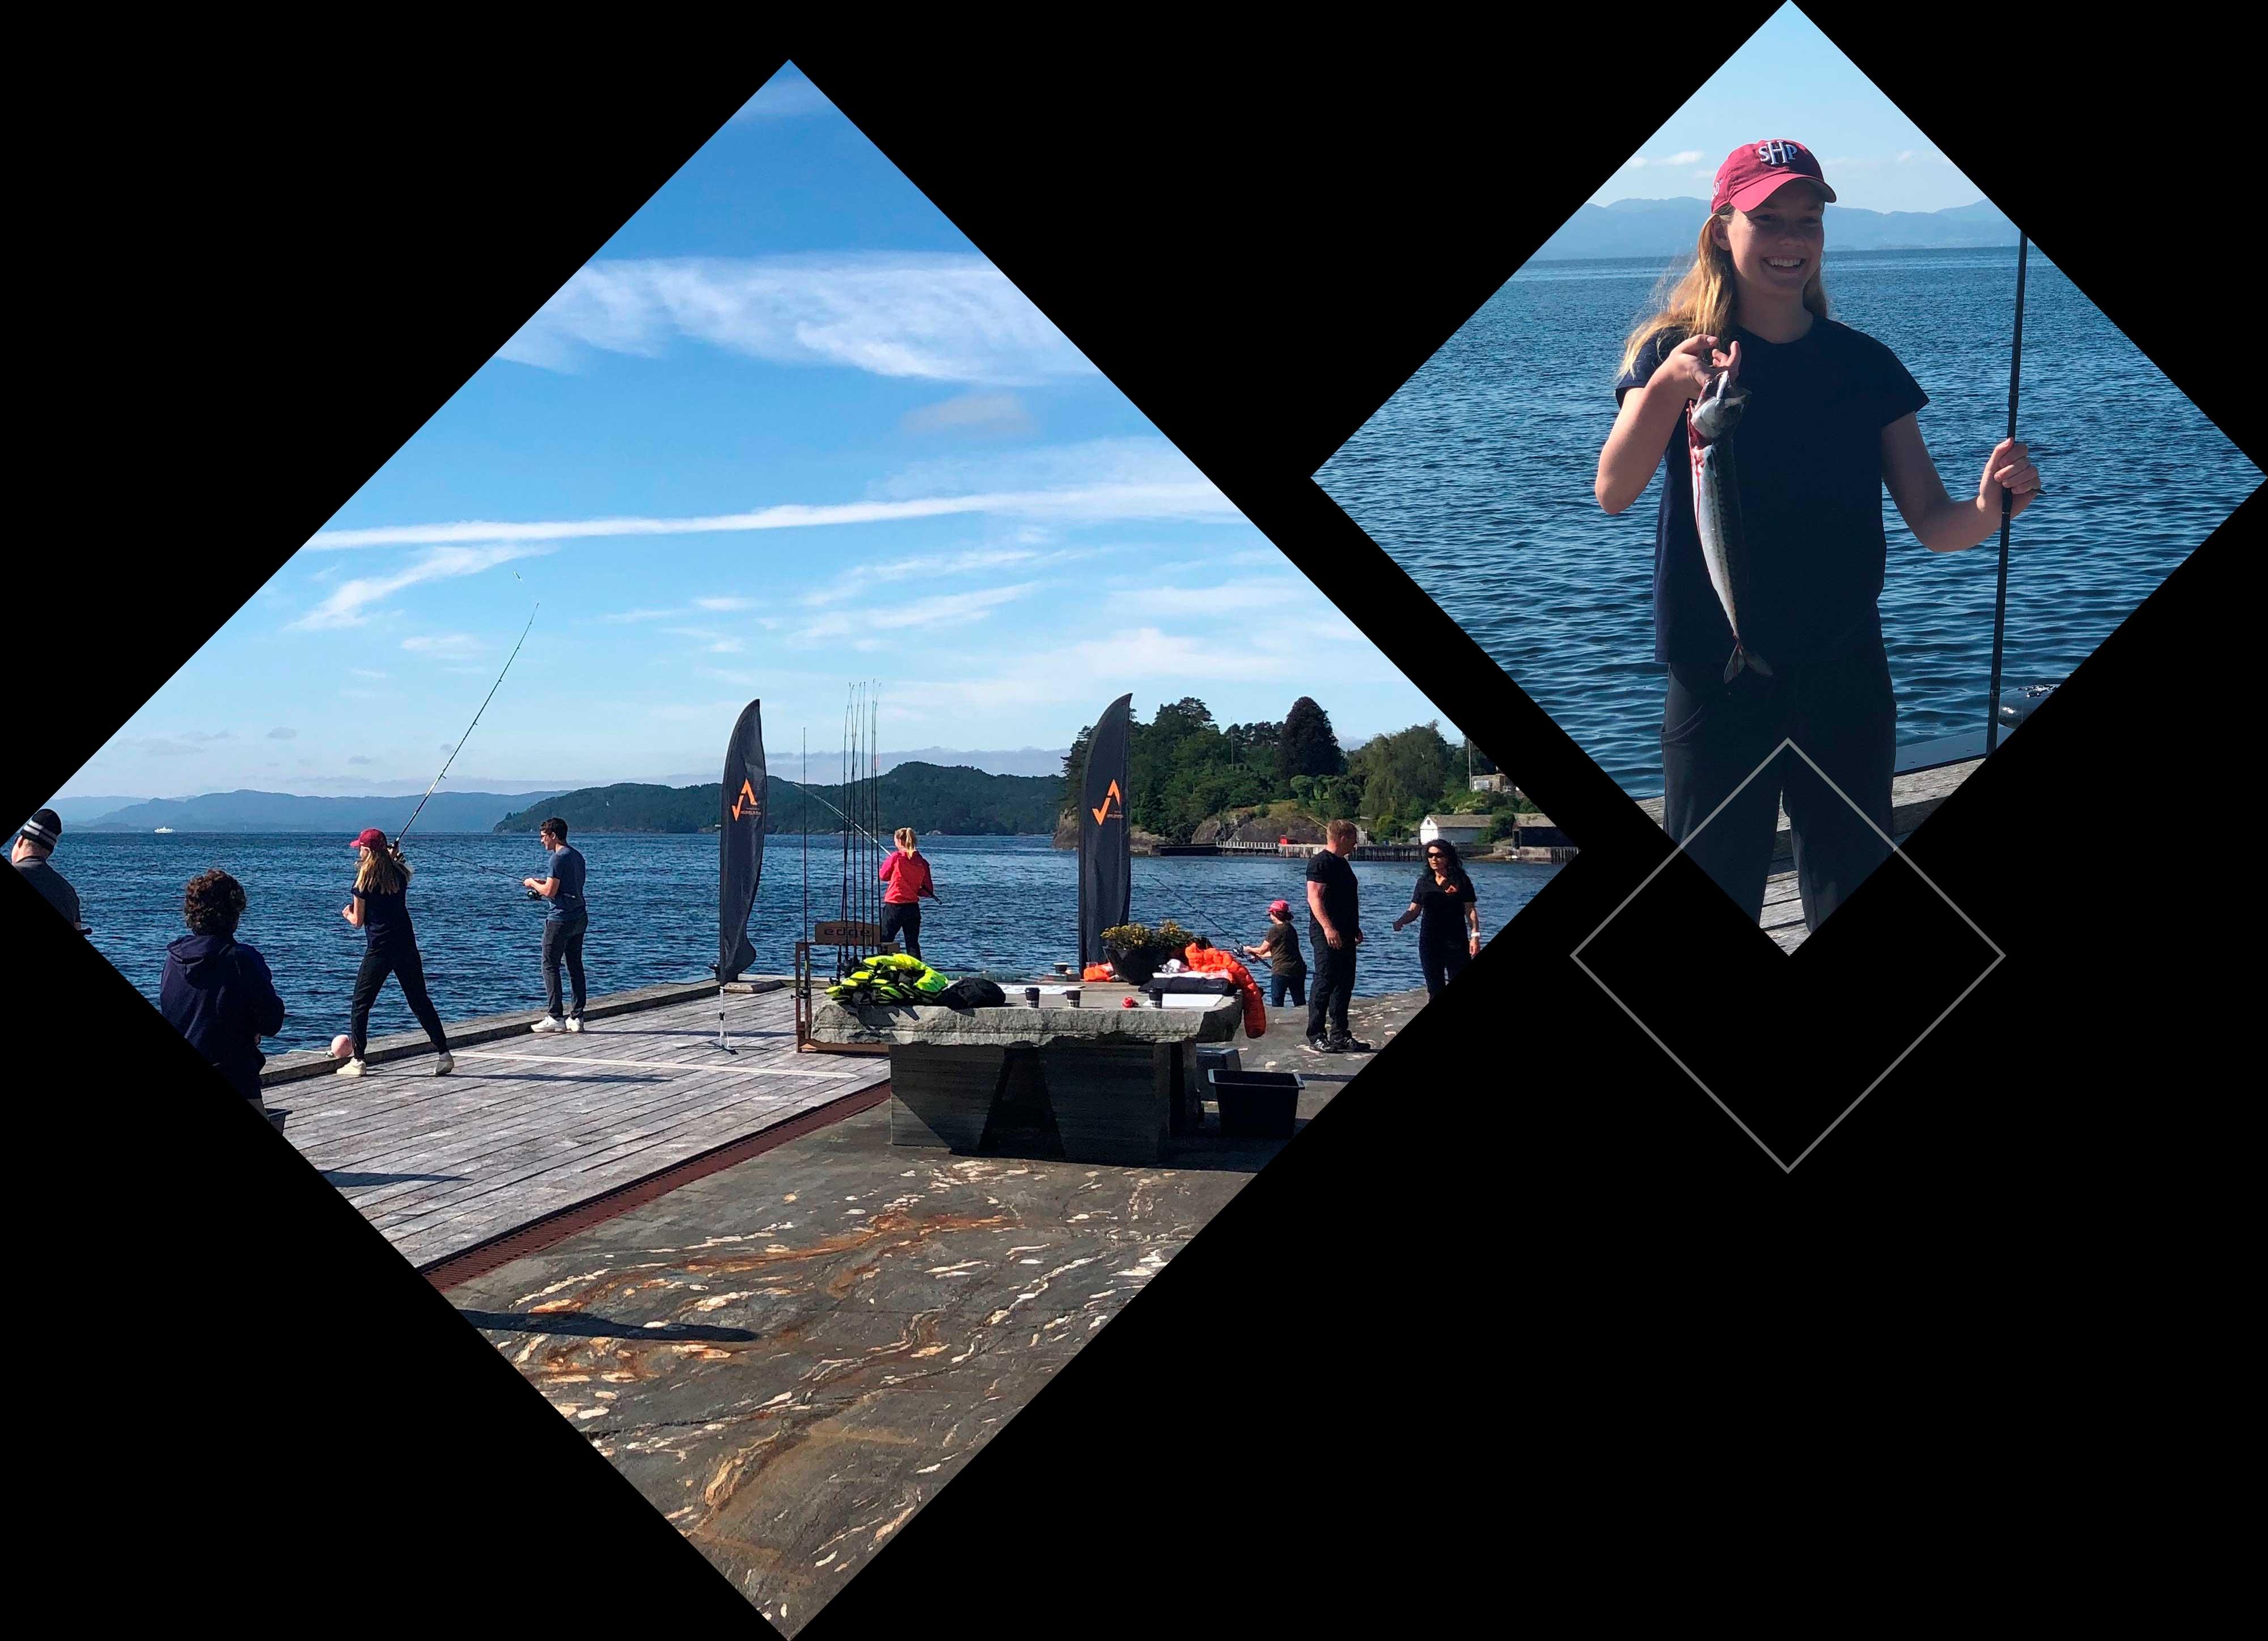 Bilde av folk som fisker.